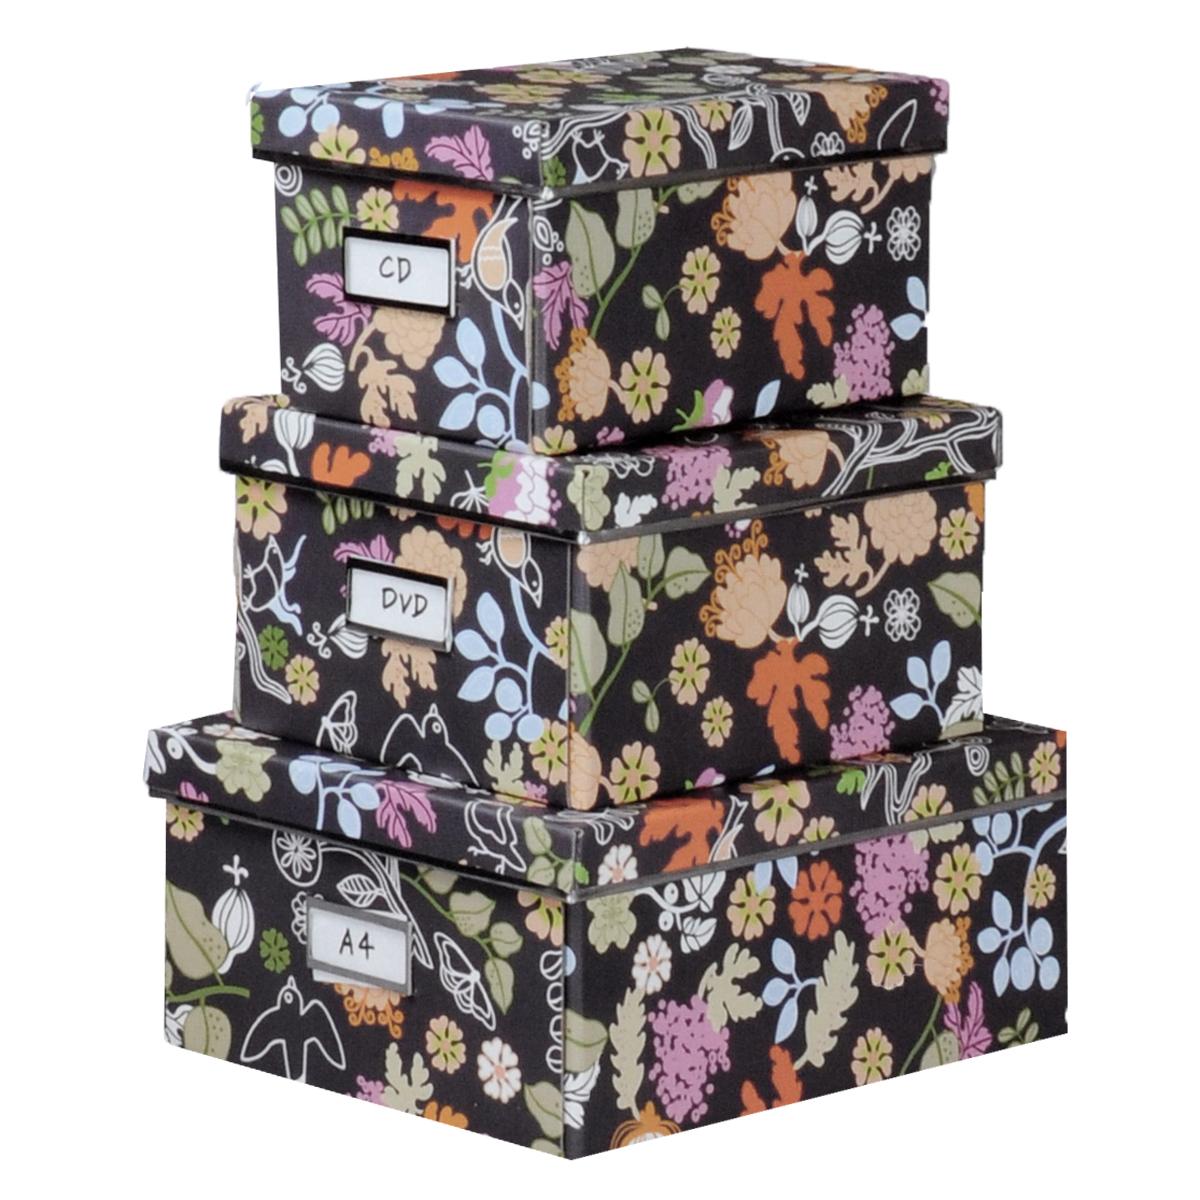 Набор коробок для хранения Цветущий сад, 3 штLS-8181/8180/8179_1Кофры для хранения Цветущий сад прекрасно подойдут для хранения личных вещей, различных аксессуаров, а также бытовых предметов. В комплекте 3 прямоугольных кофра разного размера, с крышками. Изделия выполнены из плотного картона, внешняя поверхность оформлена красочным цветочным рисунком. Каждая из коробок снабжена специальным окошком, куда можно поместить стикер с пометкой содержимого. Эстетичный дизайн позволит набору гармонично вписаться в любой интерьер.Размер малого кофра: 16 см х 28 см х 14 см. Размер среднего кофра: 21 см х 28 см х 15 см. Размер большого кофра: 25 см х 36 см х 15 см.